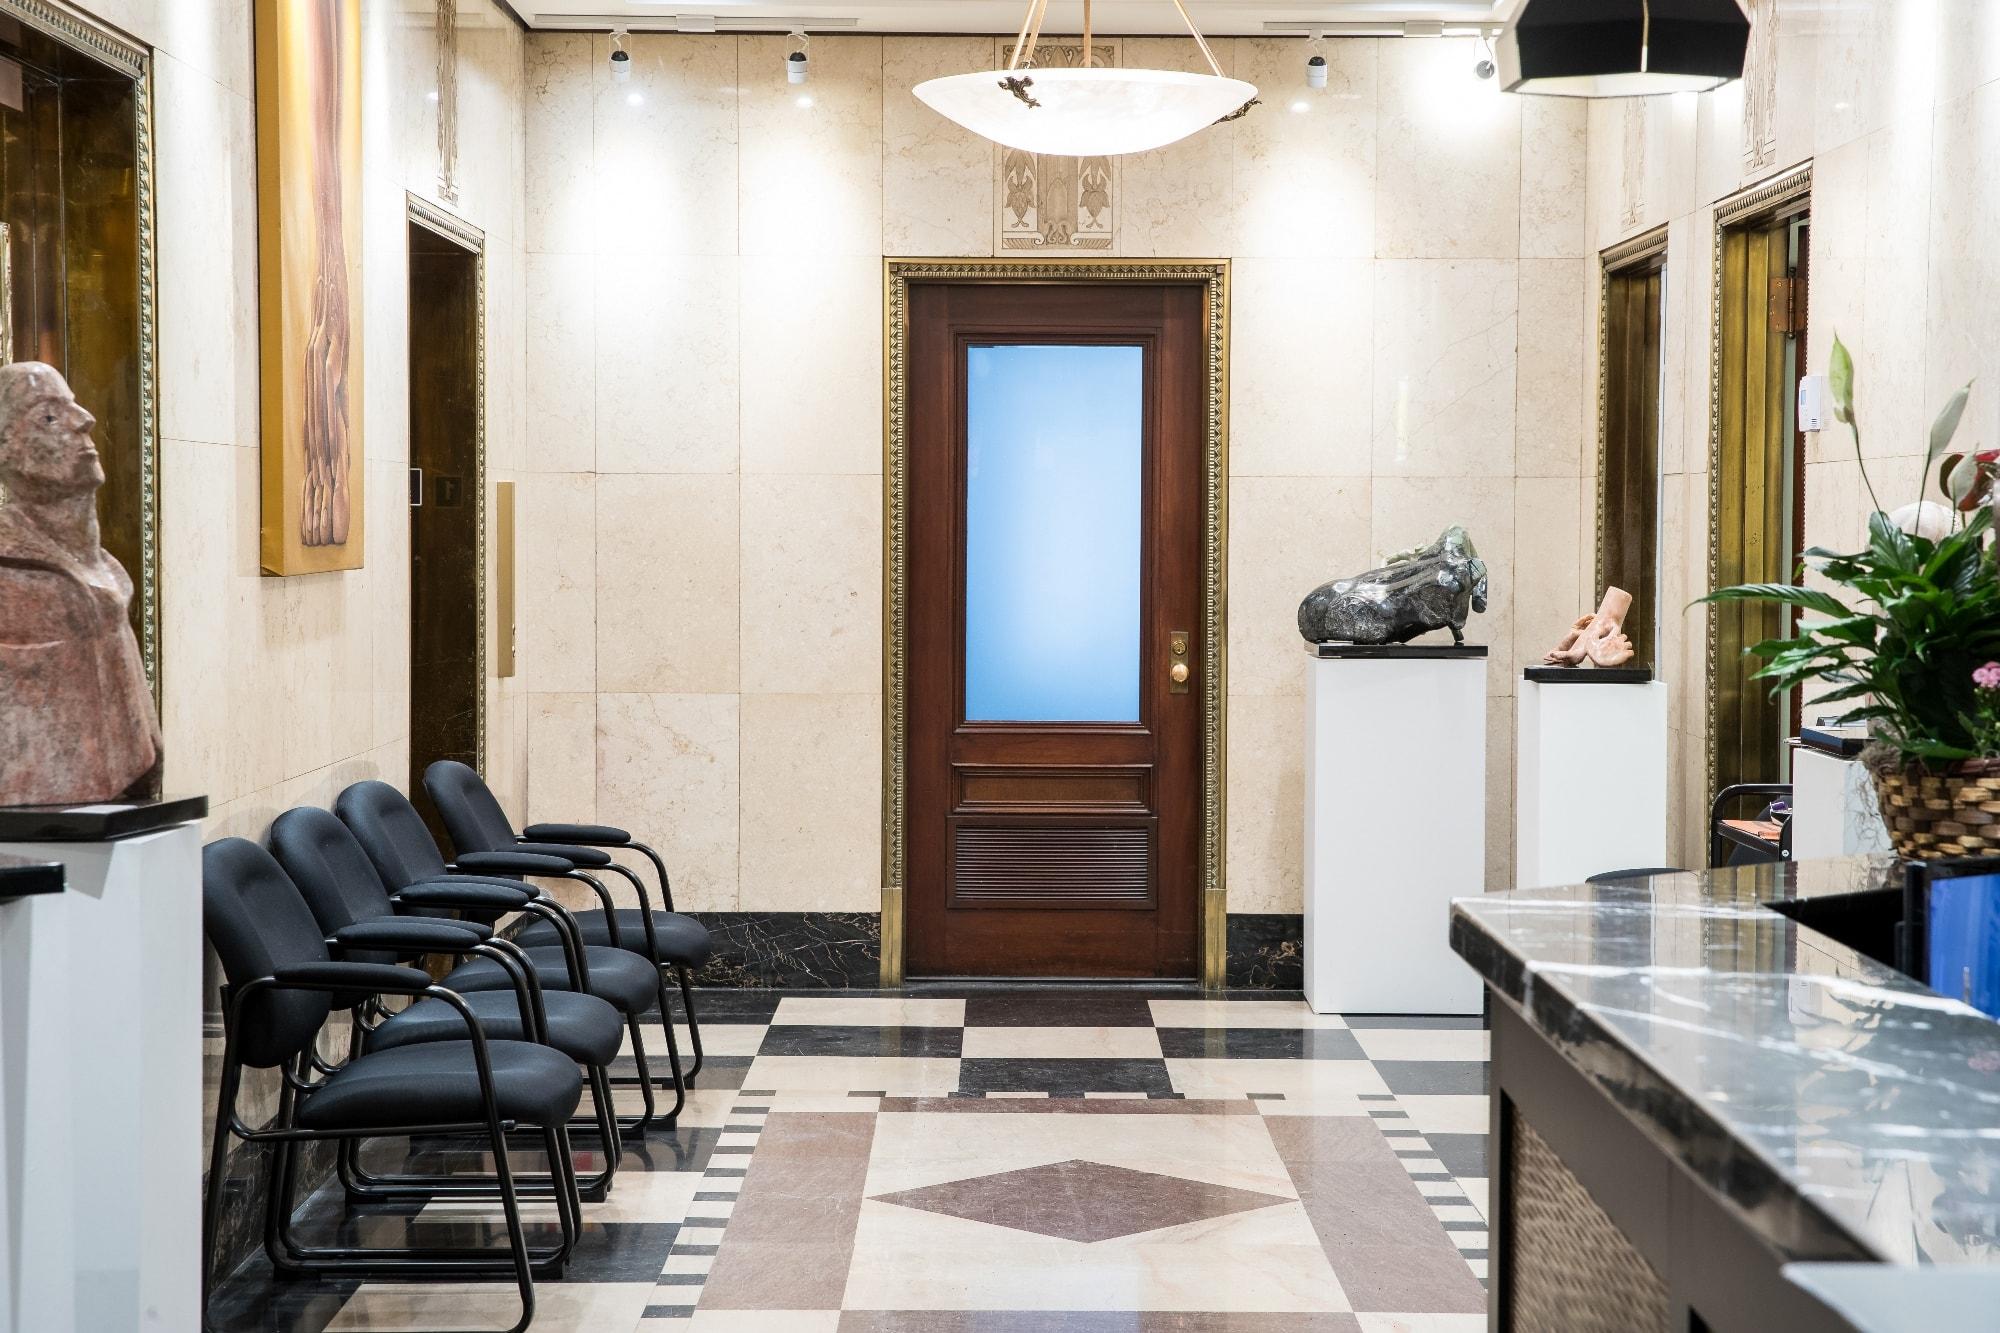 Salle d'attente de la clinique de chirurgie du pied de Montréal